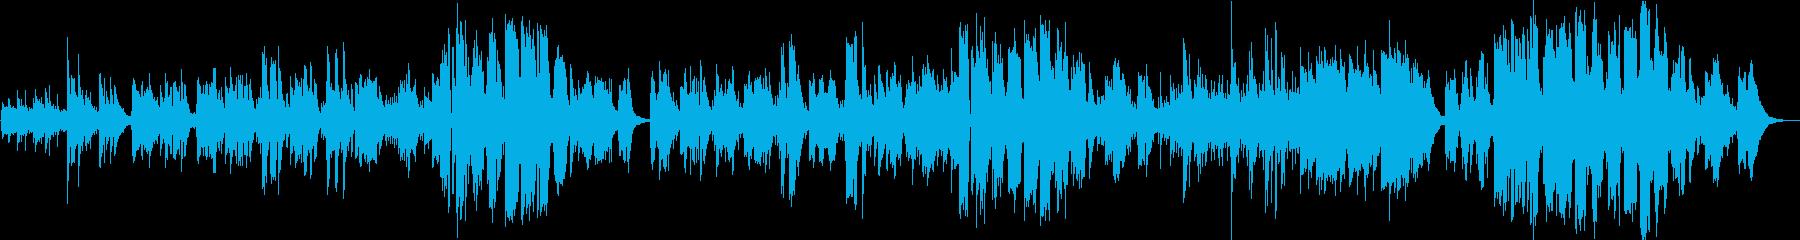 英語/女性ボーカル/生録/フォークソングの再生済みの波形